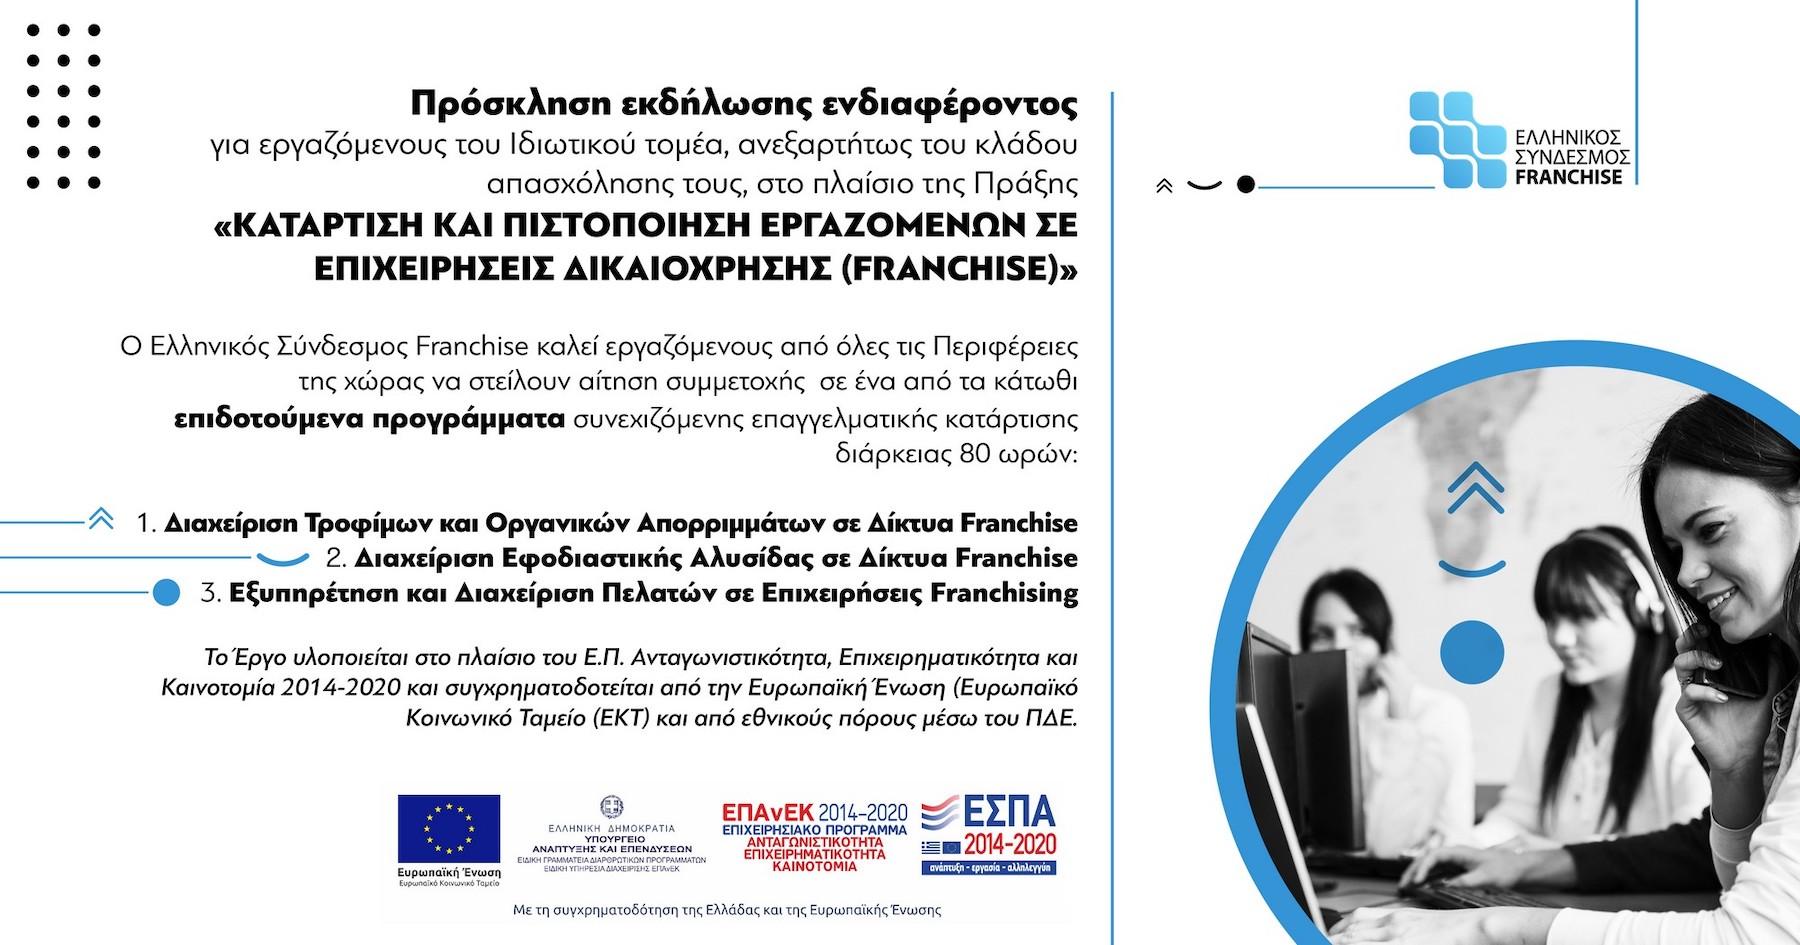 Πρόσκληση Εκδήλωσης Ενδιαφέροντος για τη Συμμετοχή Εργαζομένων του Ιδιωτικού Τομέα σε Δράσεις Κατάρτισης και Πιστοποίησης – Απρίλιος 2020